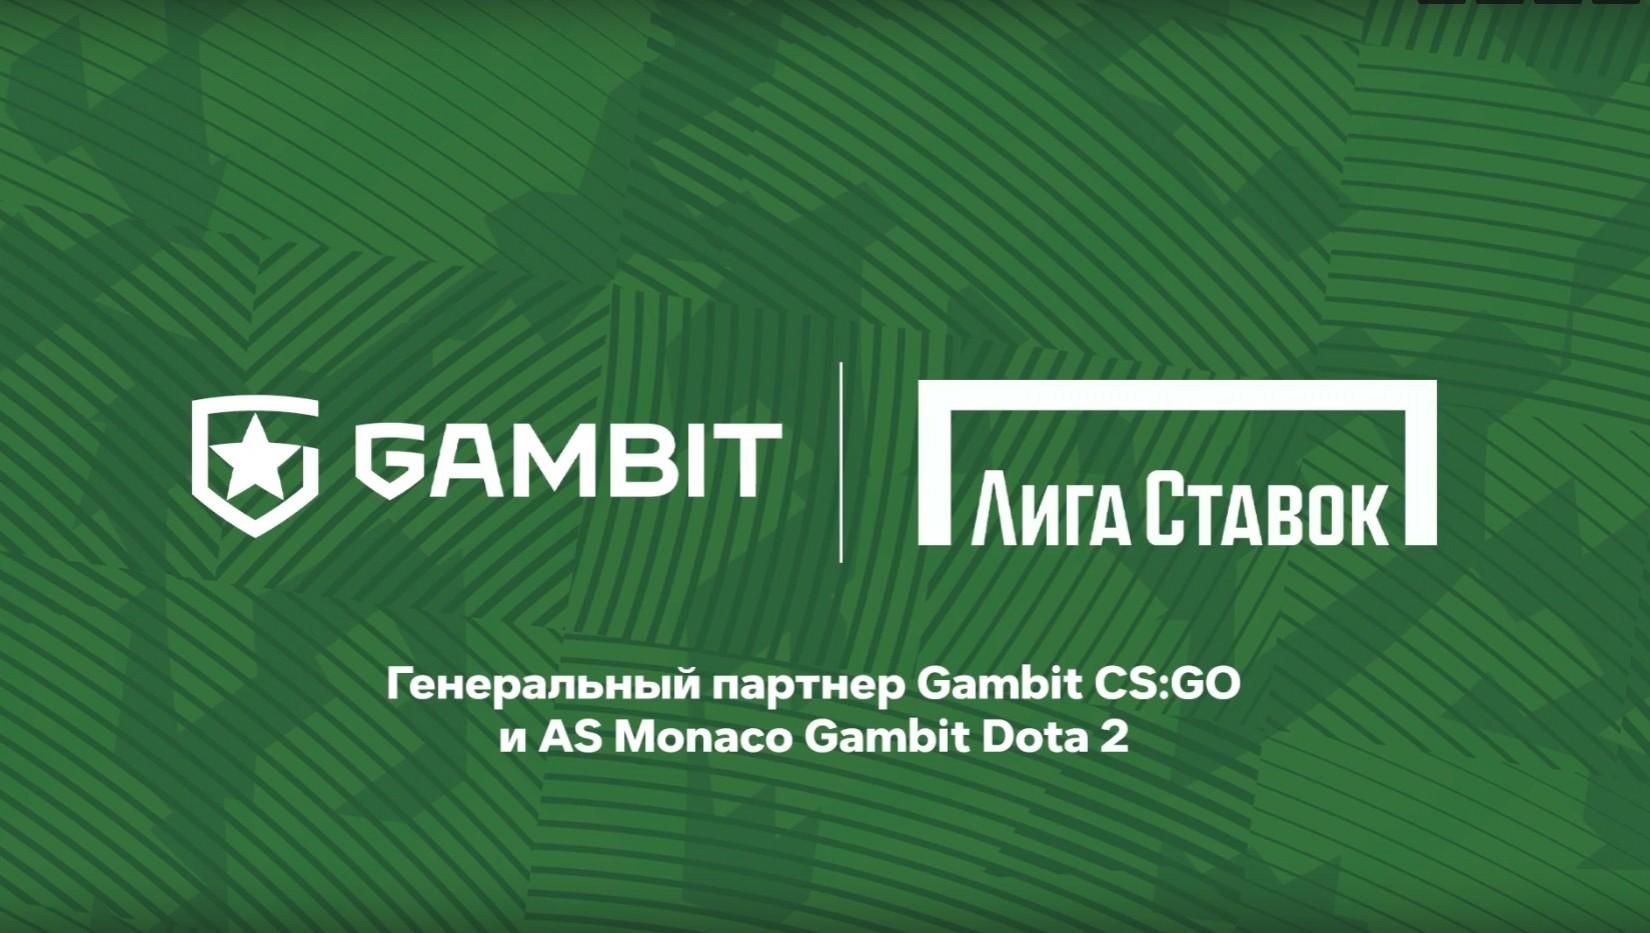 Лига Ставок становится генеральным партнером Gambit Esports и AS Monaco Gambit